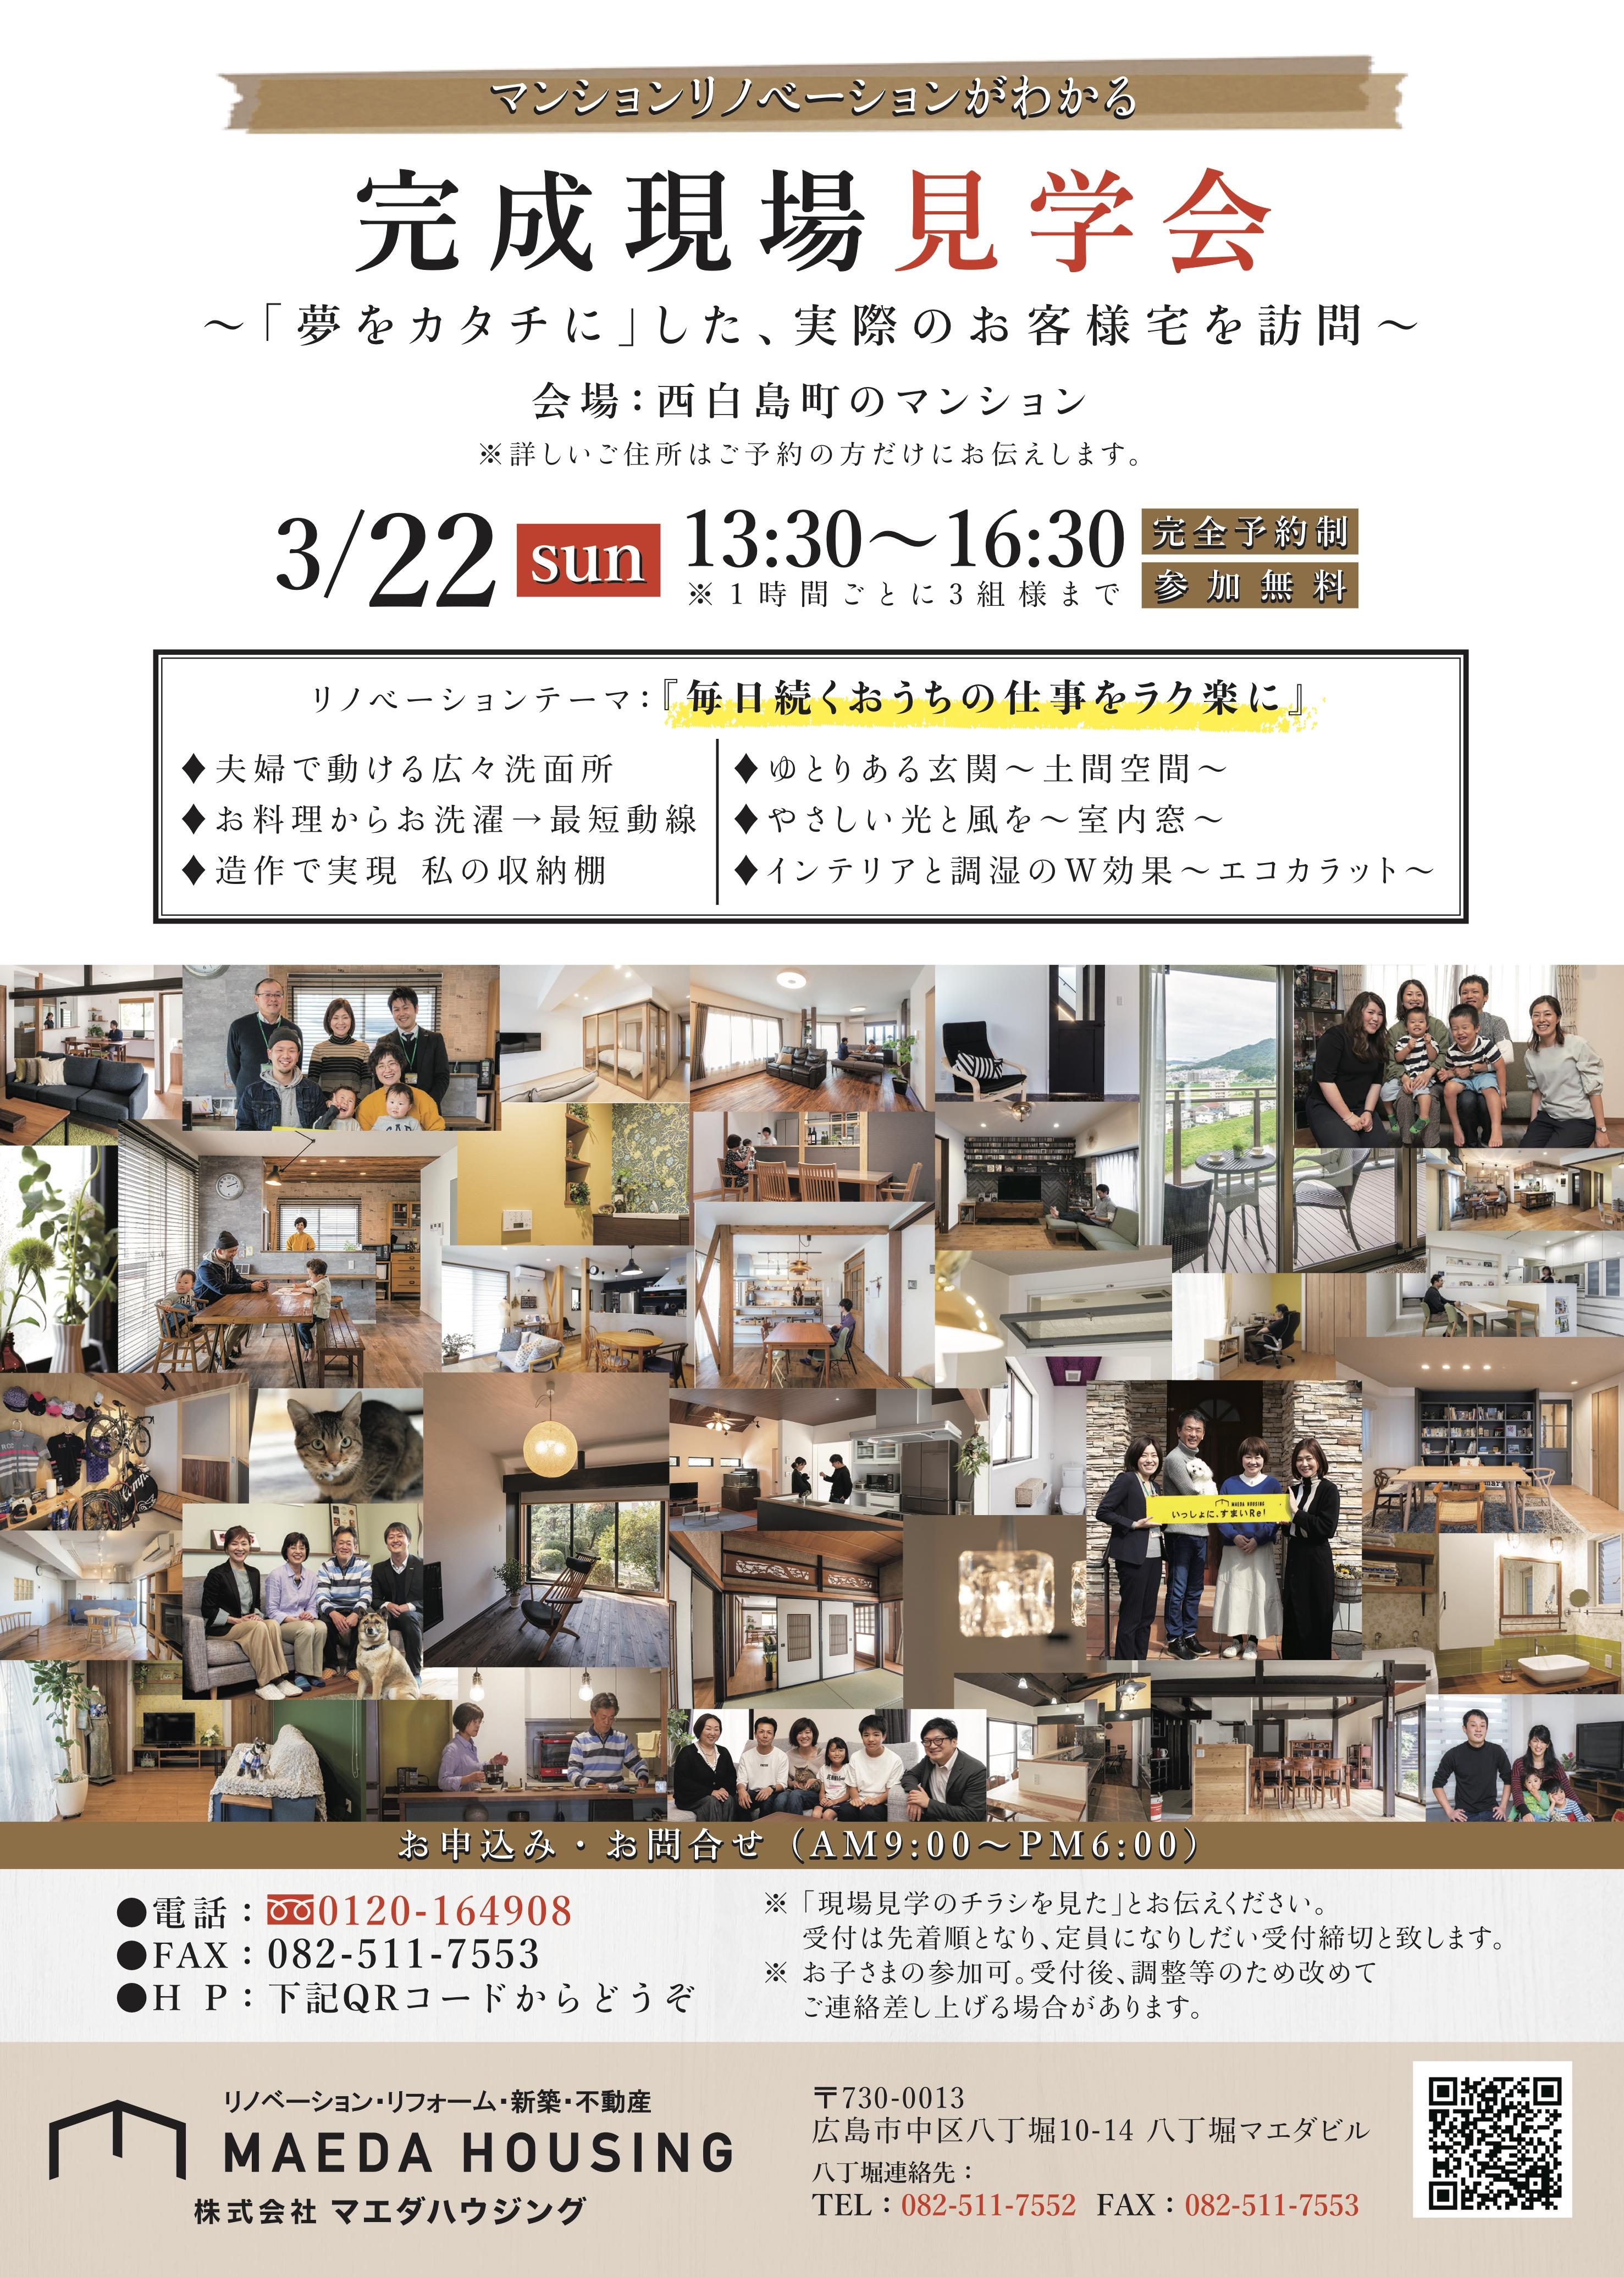 【要予約】完成現場見学会(中区マンション編)